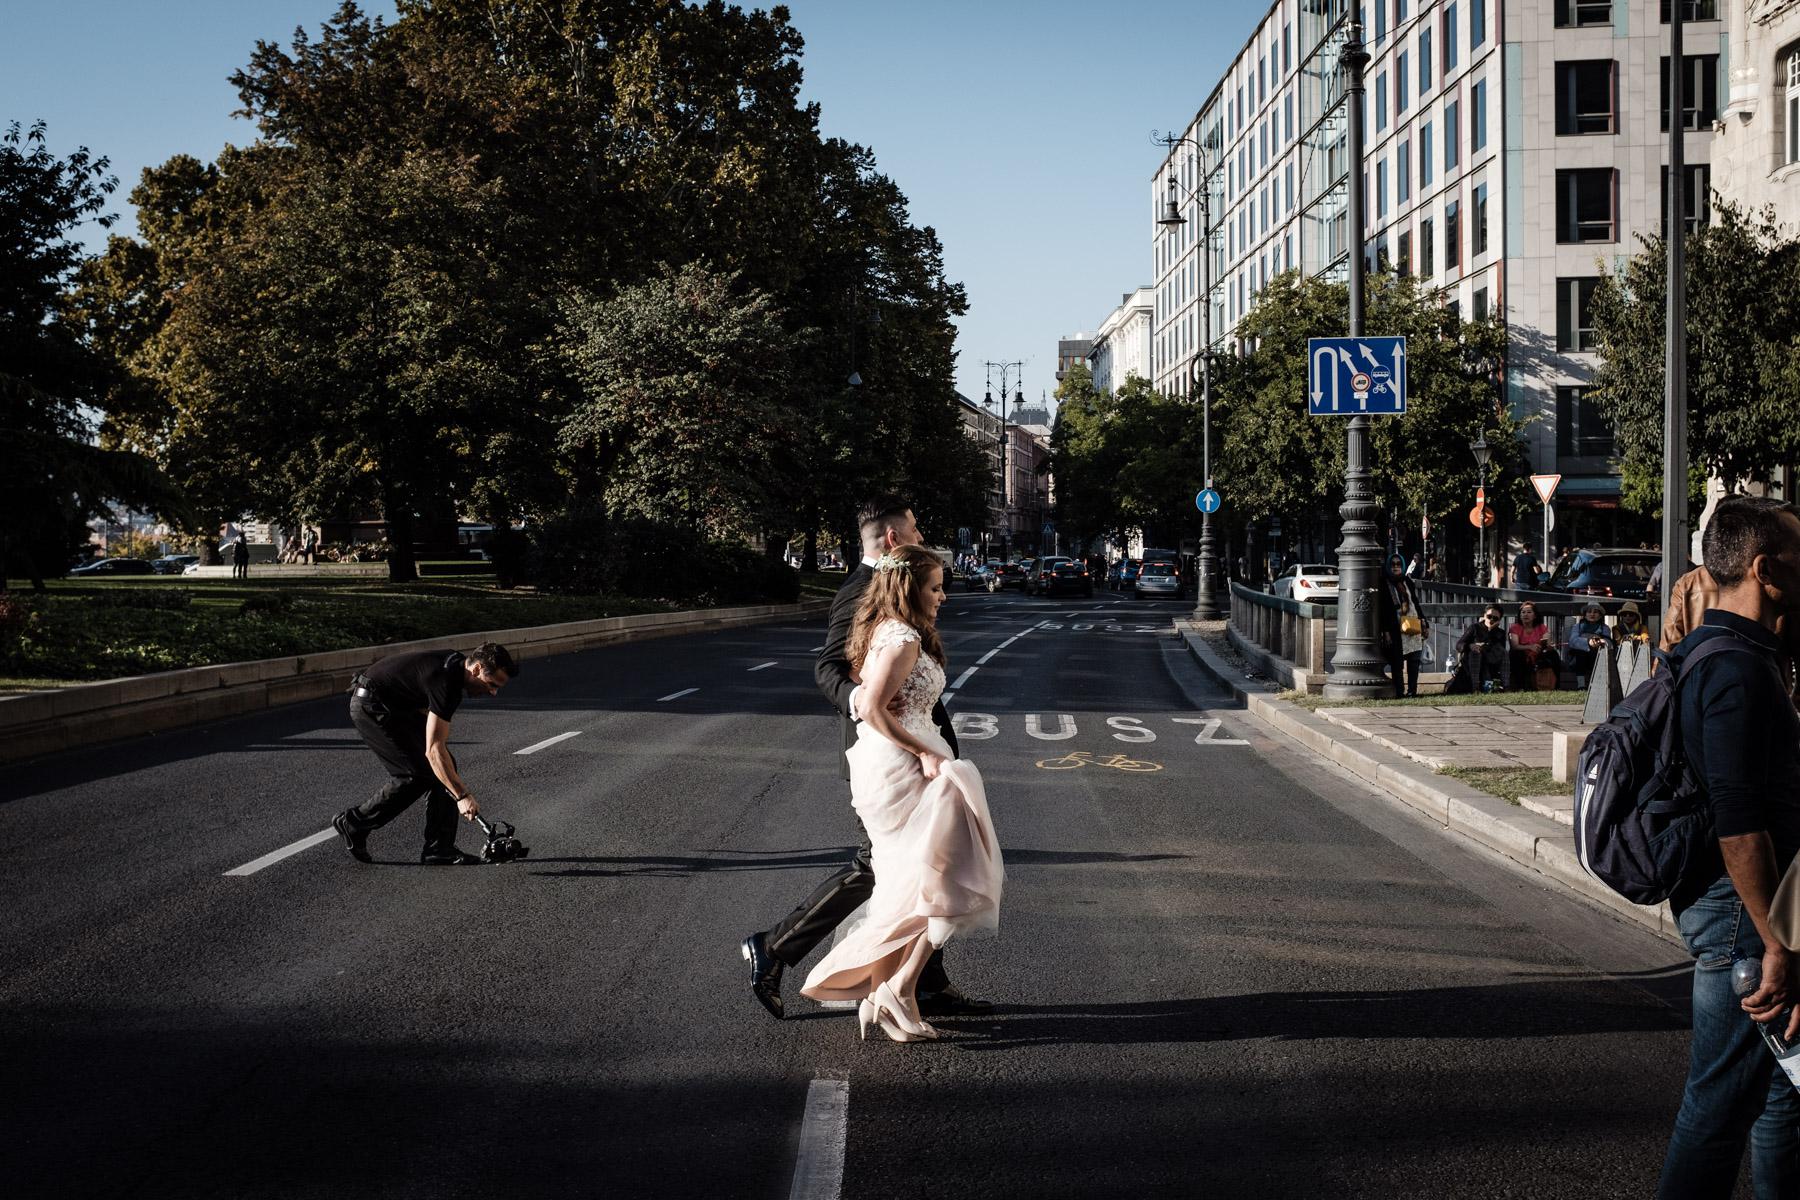 MartinLiebl_Kein_Hochzeitsfotograf_No_Wedding_Photographer_Budapest_Gresham_Palace_022.jpg